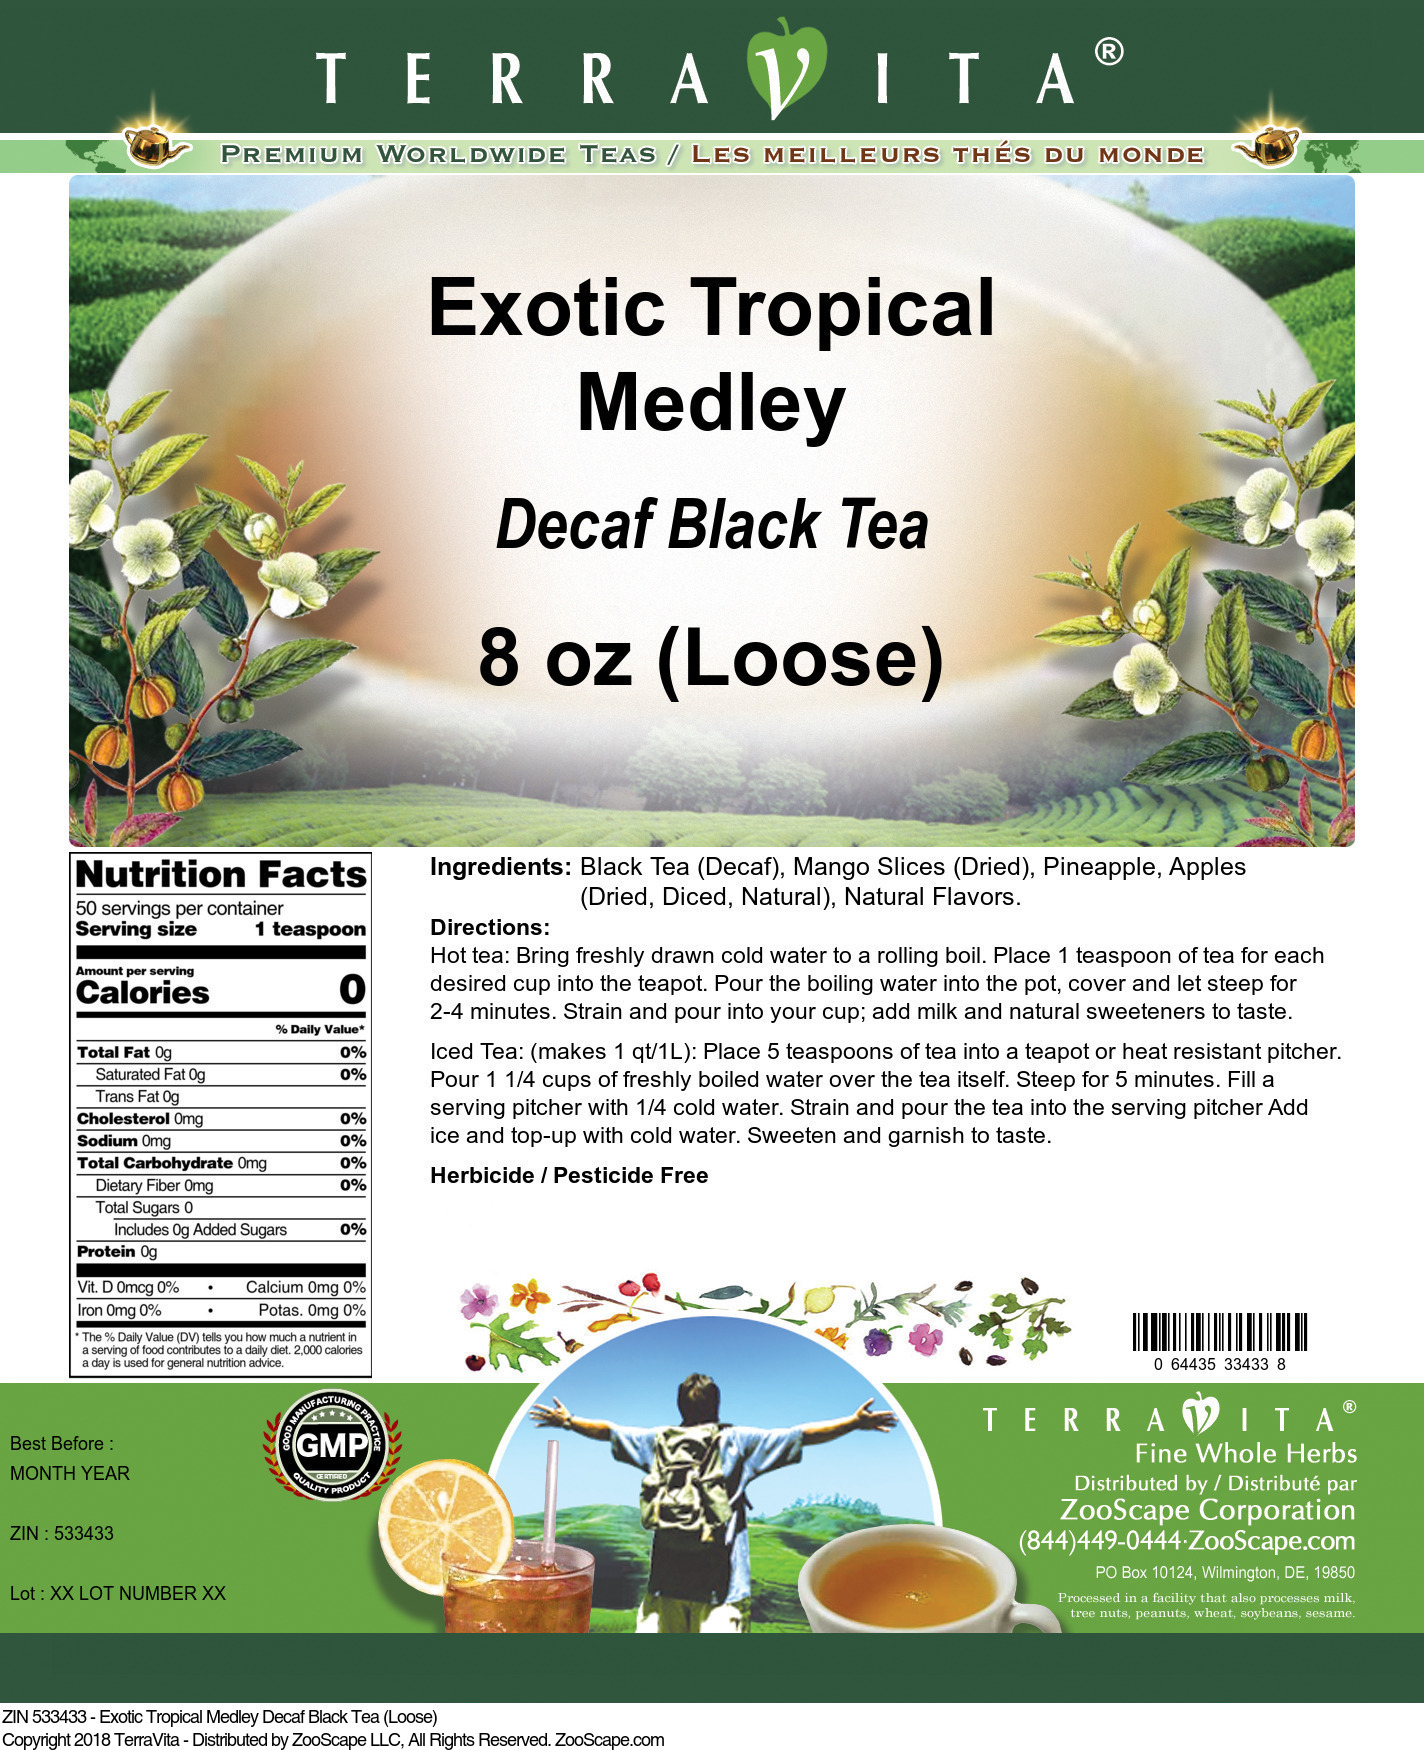 Exotic Tropical Medley Decaf Black Tea (Loose)